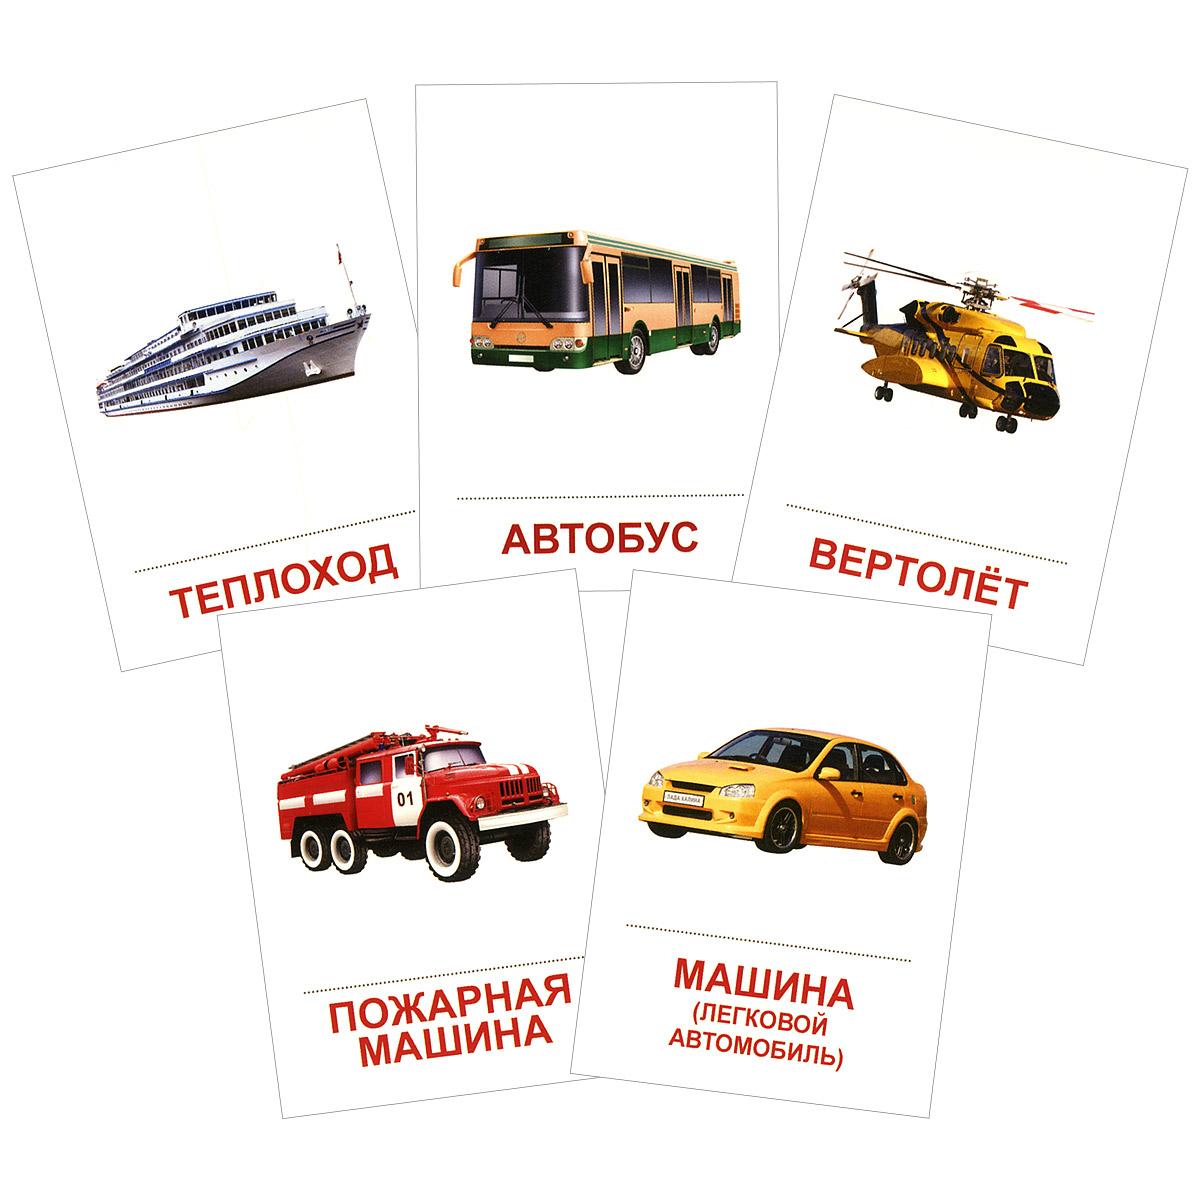 Надписями создать, картинки о транспорте для детей отдельно по видам изделий называется